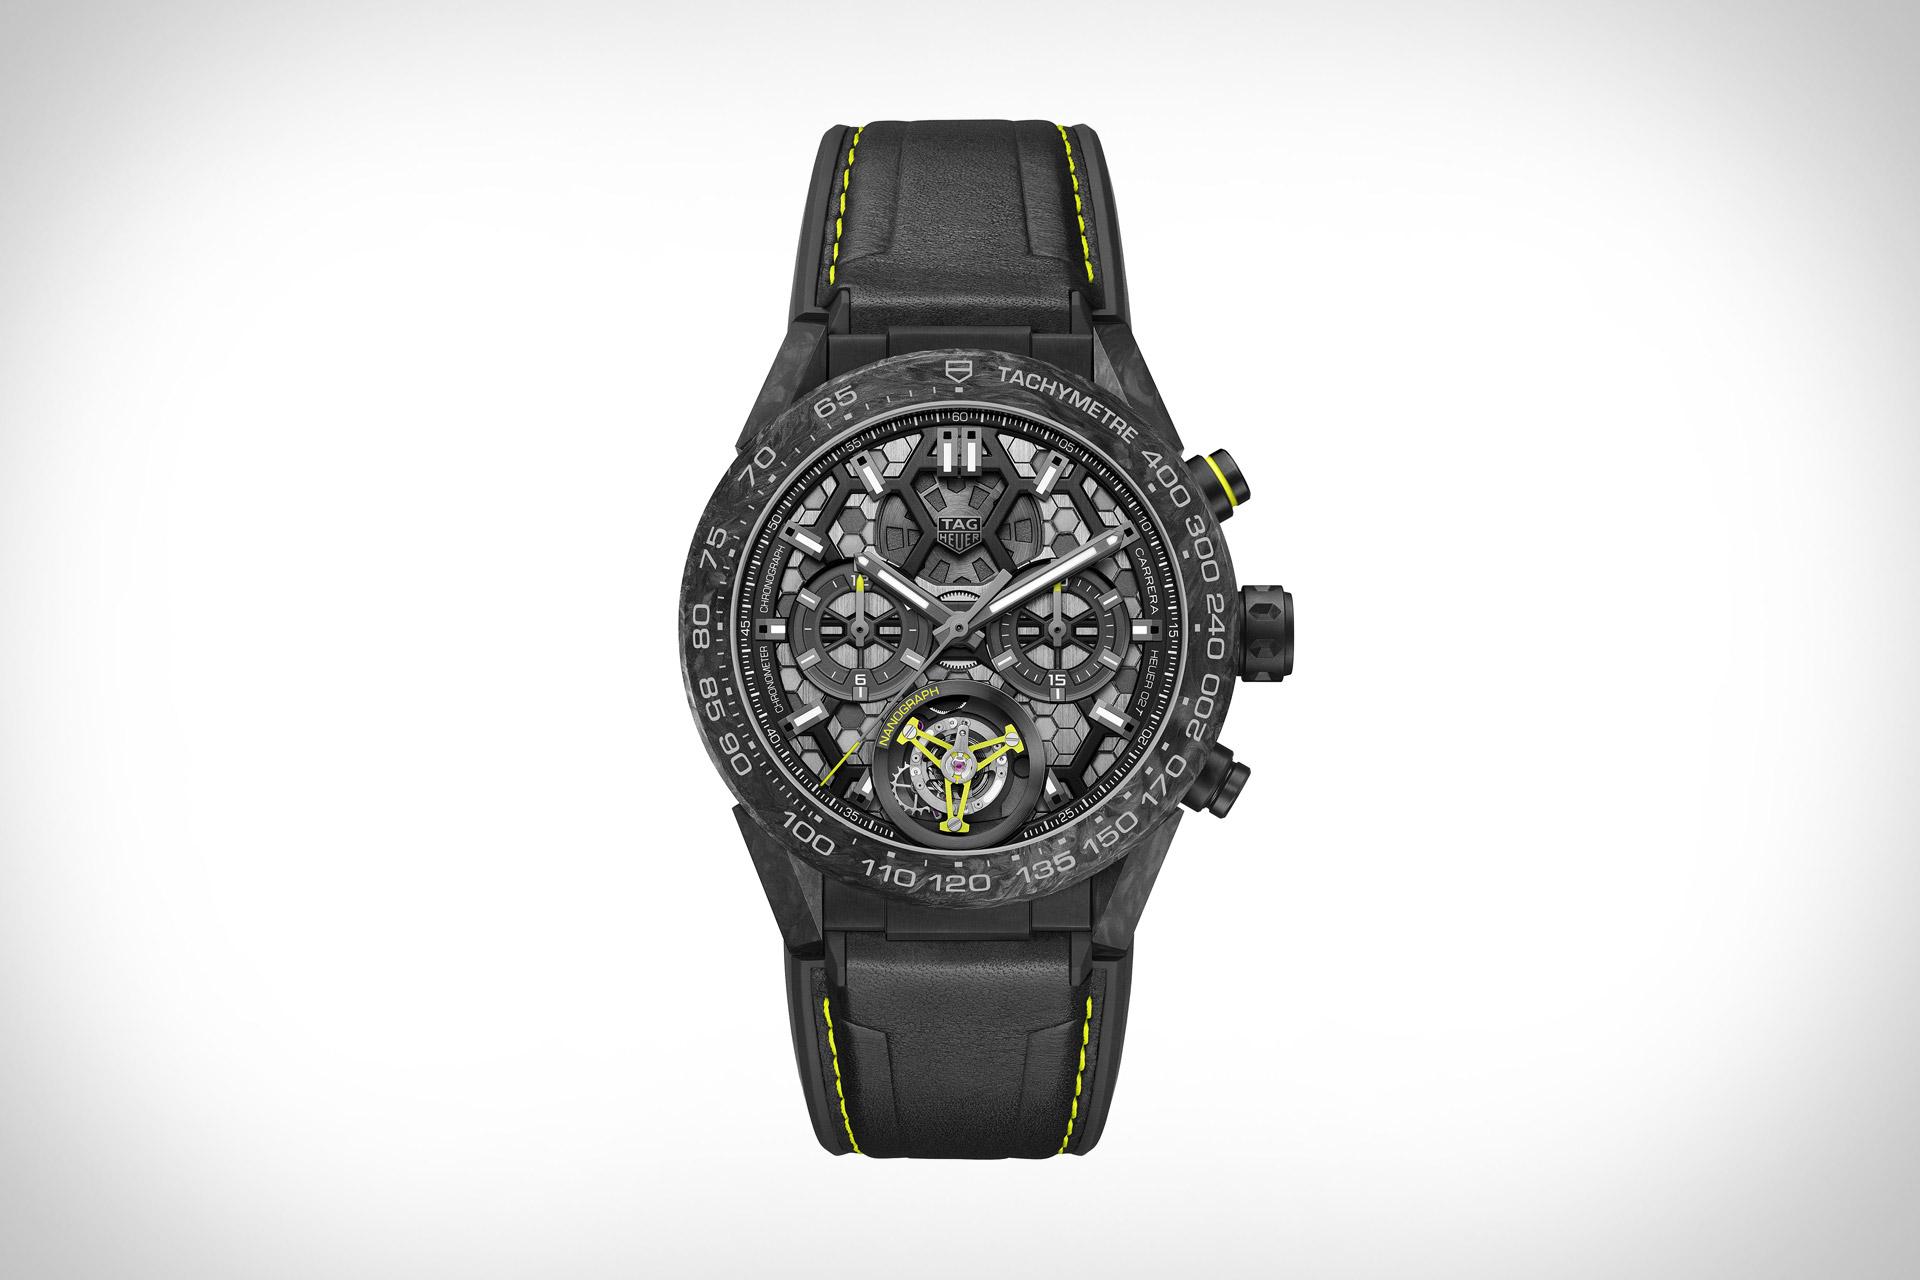 Tag Heuer Carrera Calibre Heuer 02T Tourbillon Nanograph Watch  581789b9f55